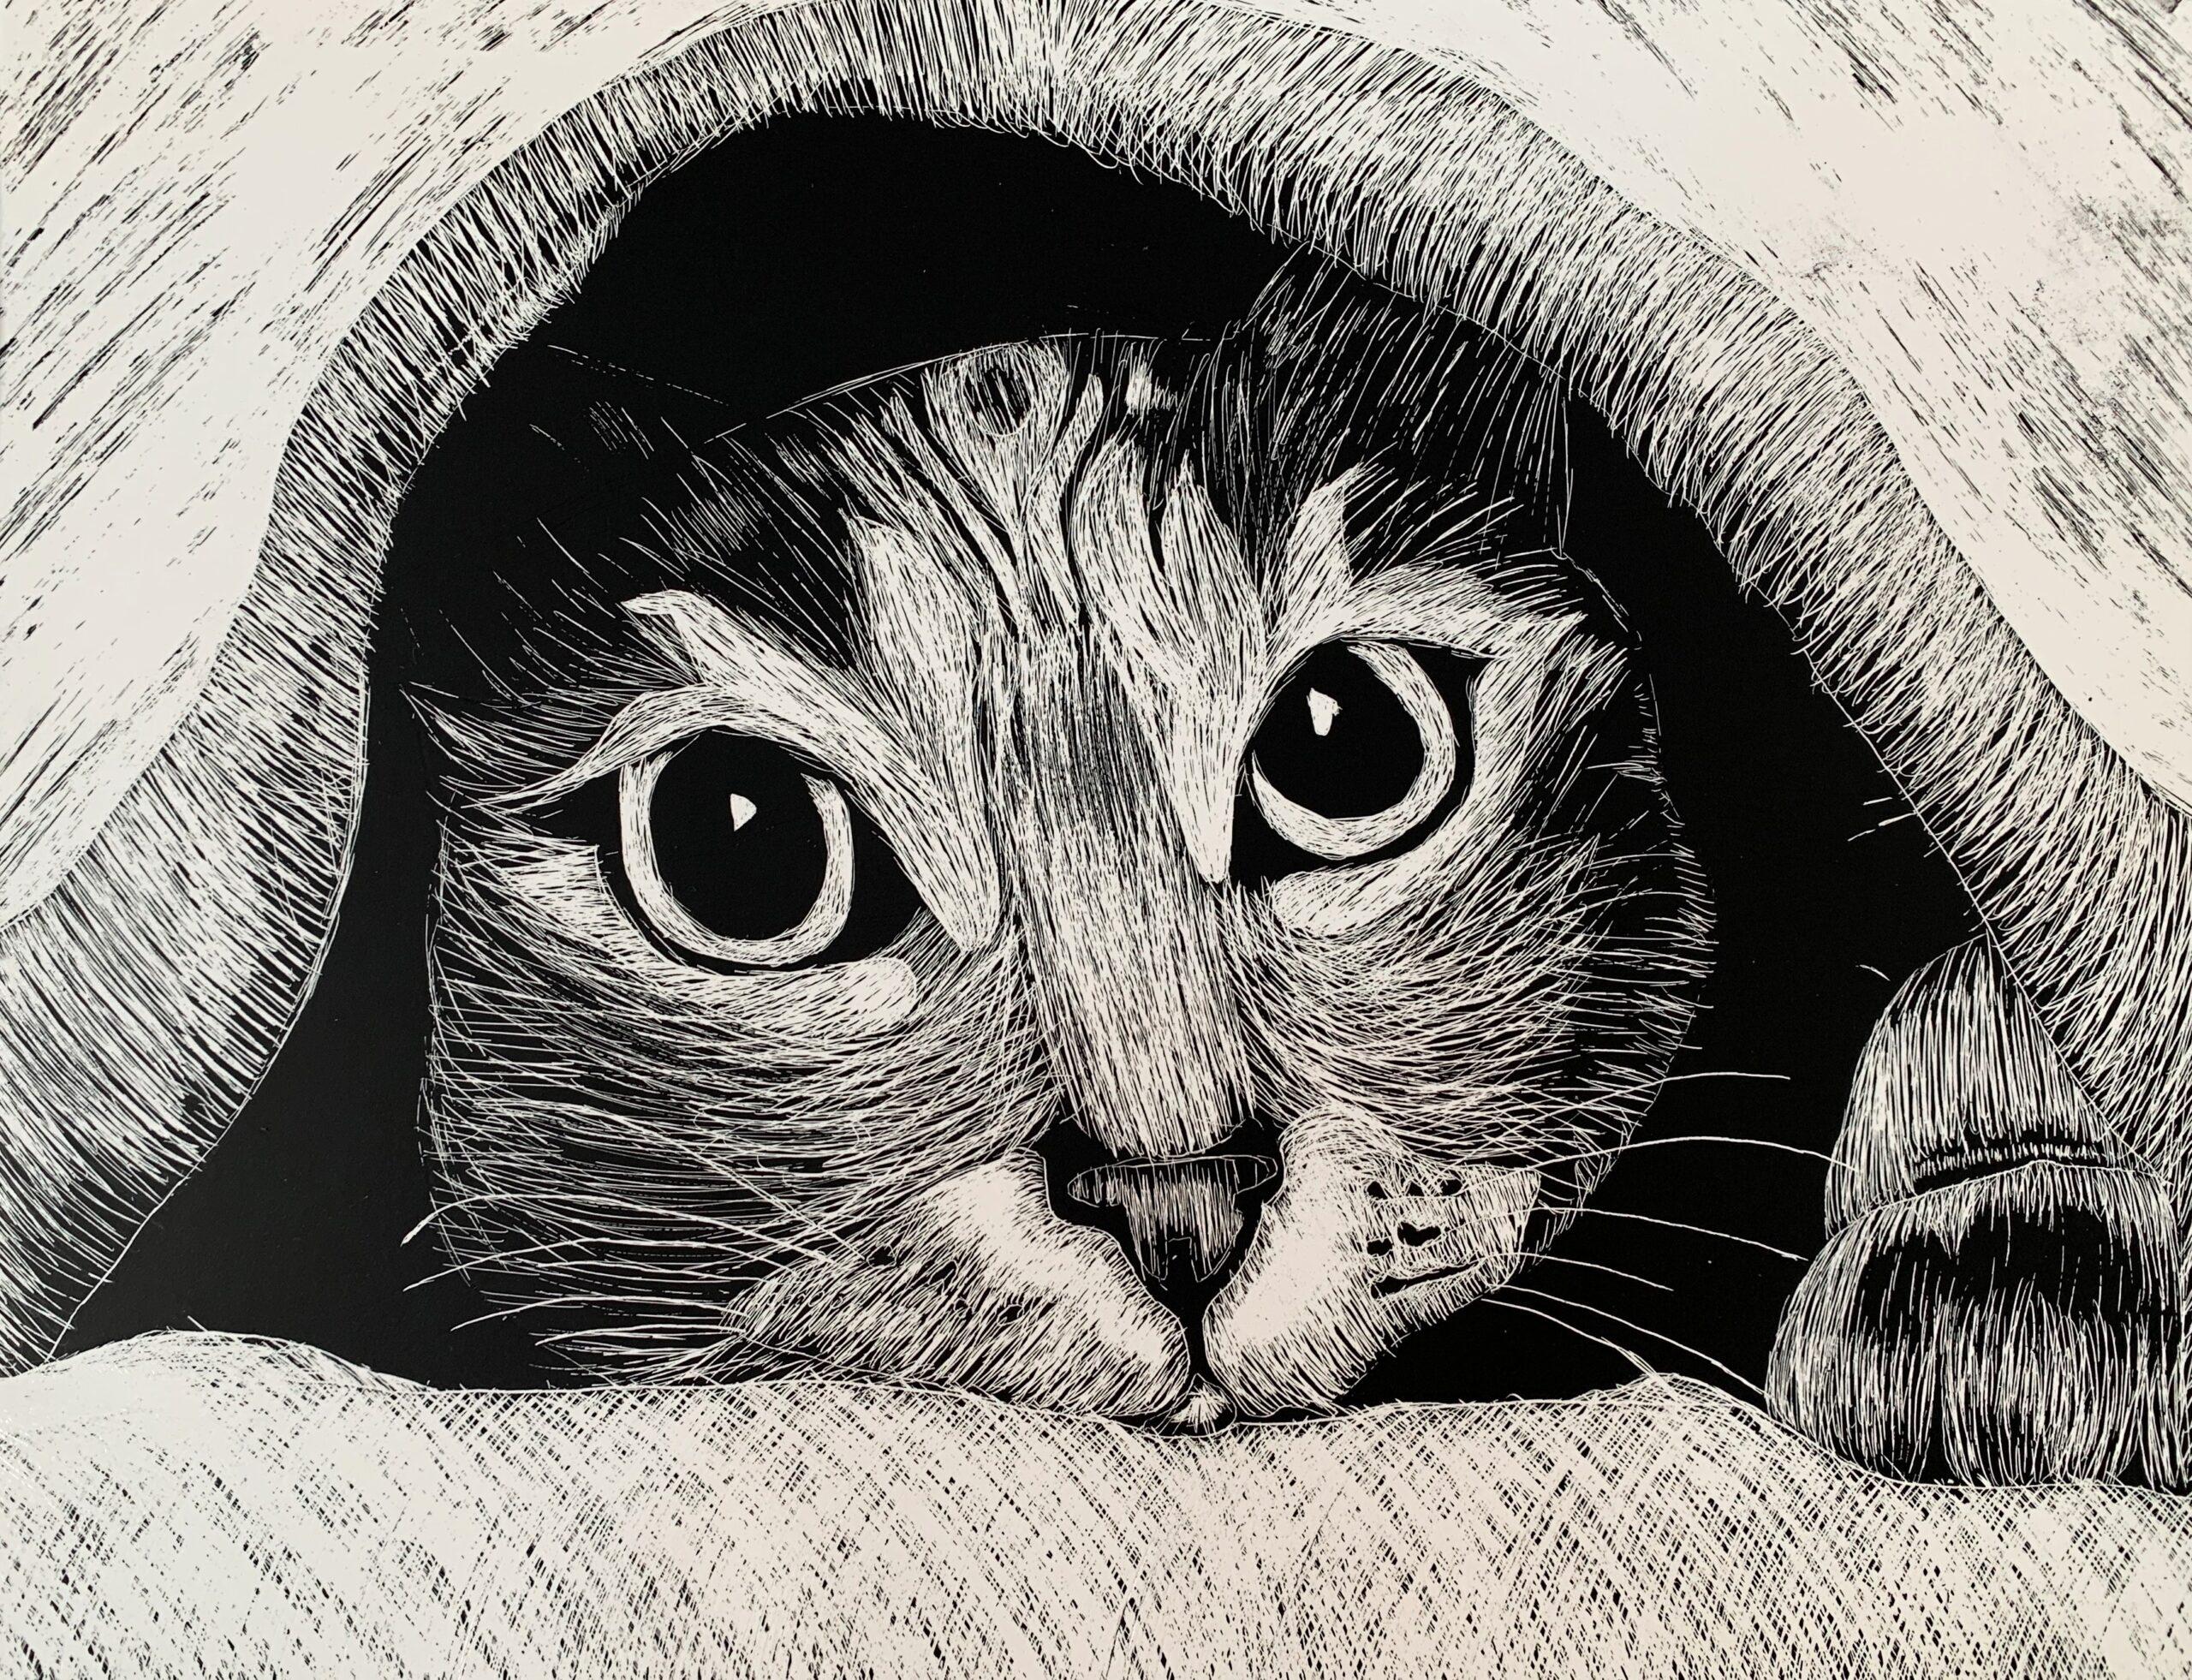 pen drawing of cat